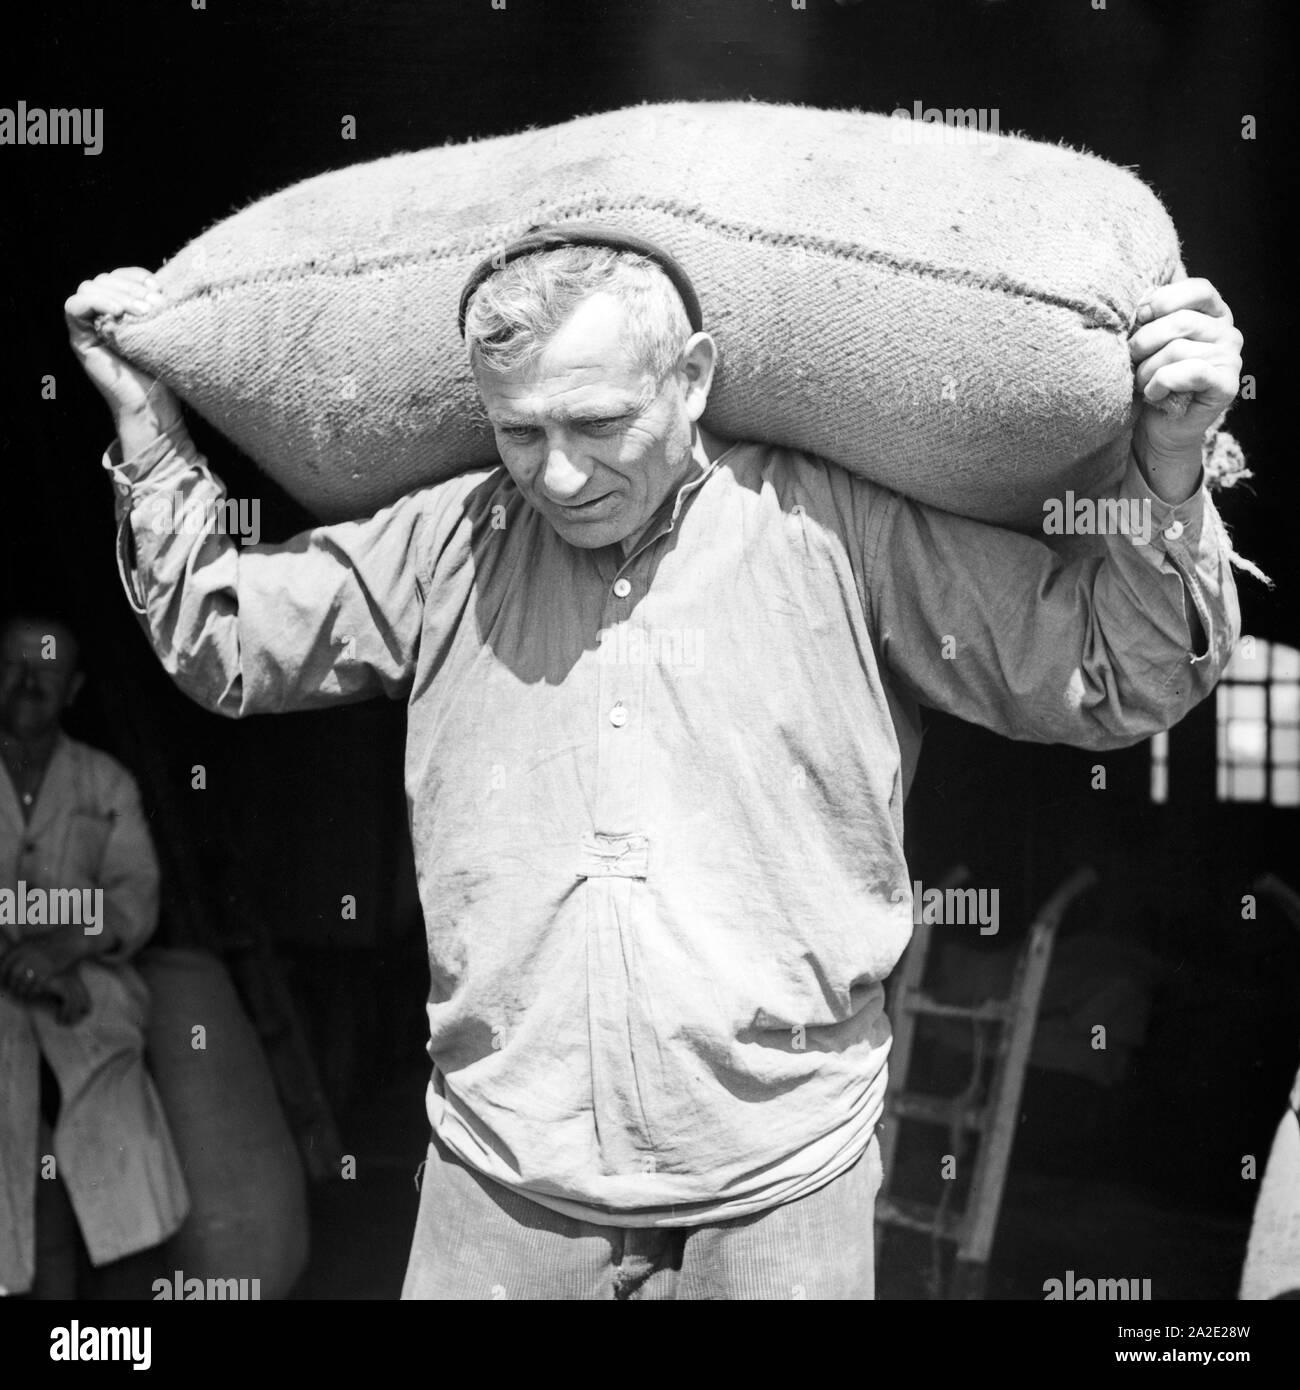 Ein Lagerarbeiter schleppt einen Sack aus dem Lagerhaus, Deutschland 1930er Jahre. A warehouseman carrying a sack out iof a warehouse, Germany 1930s. Stock Photo